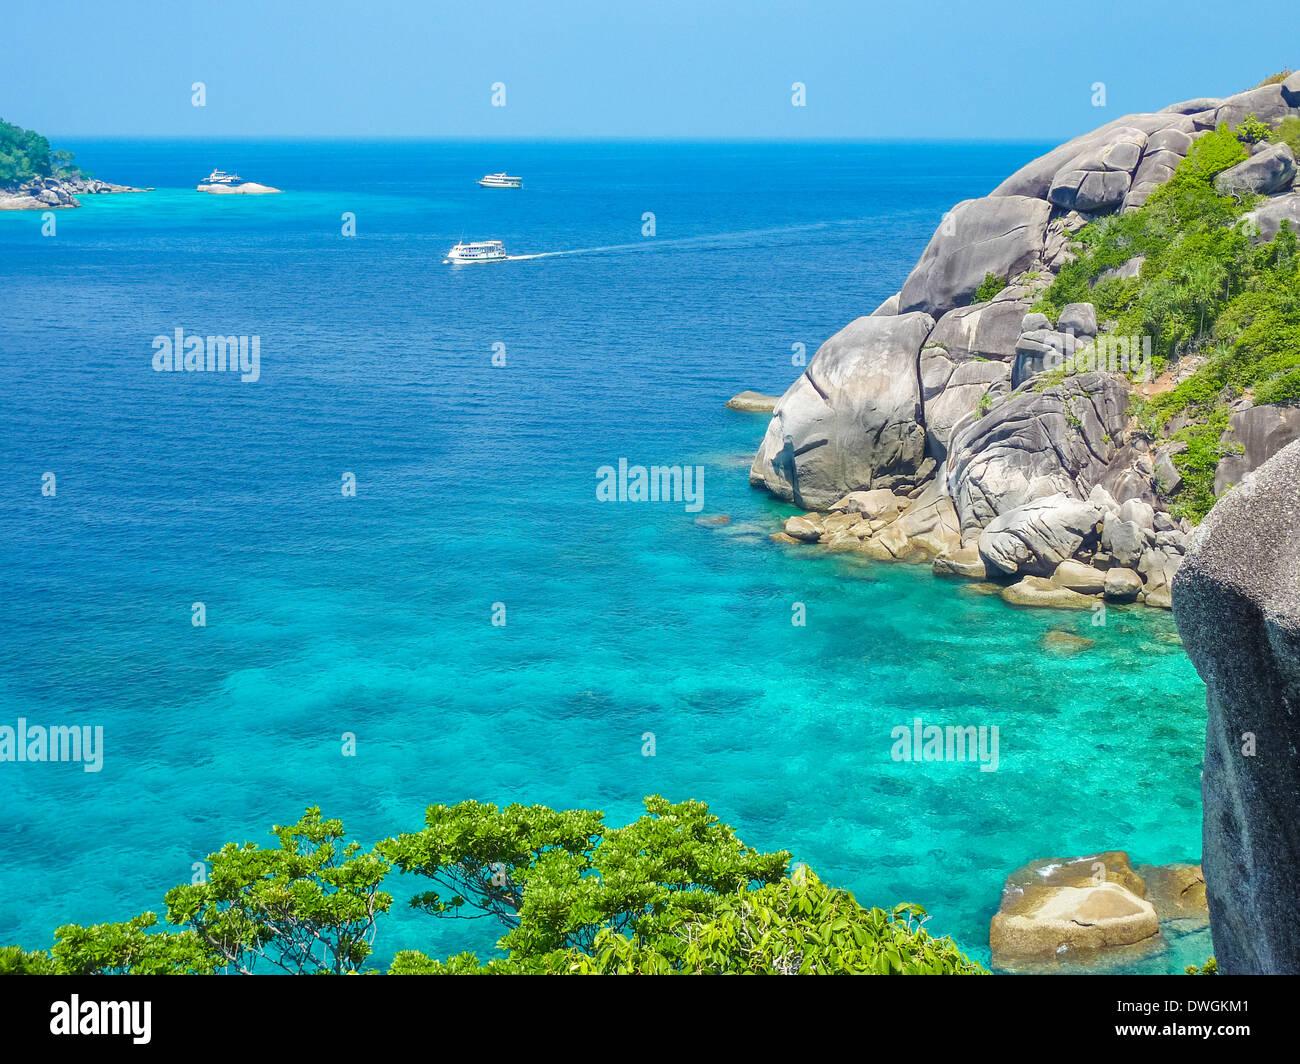 Similan Island Beach View, Koh Eight, Thailand - Stock Image